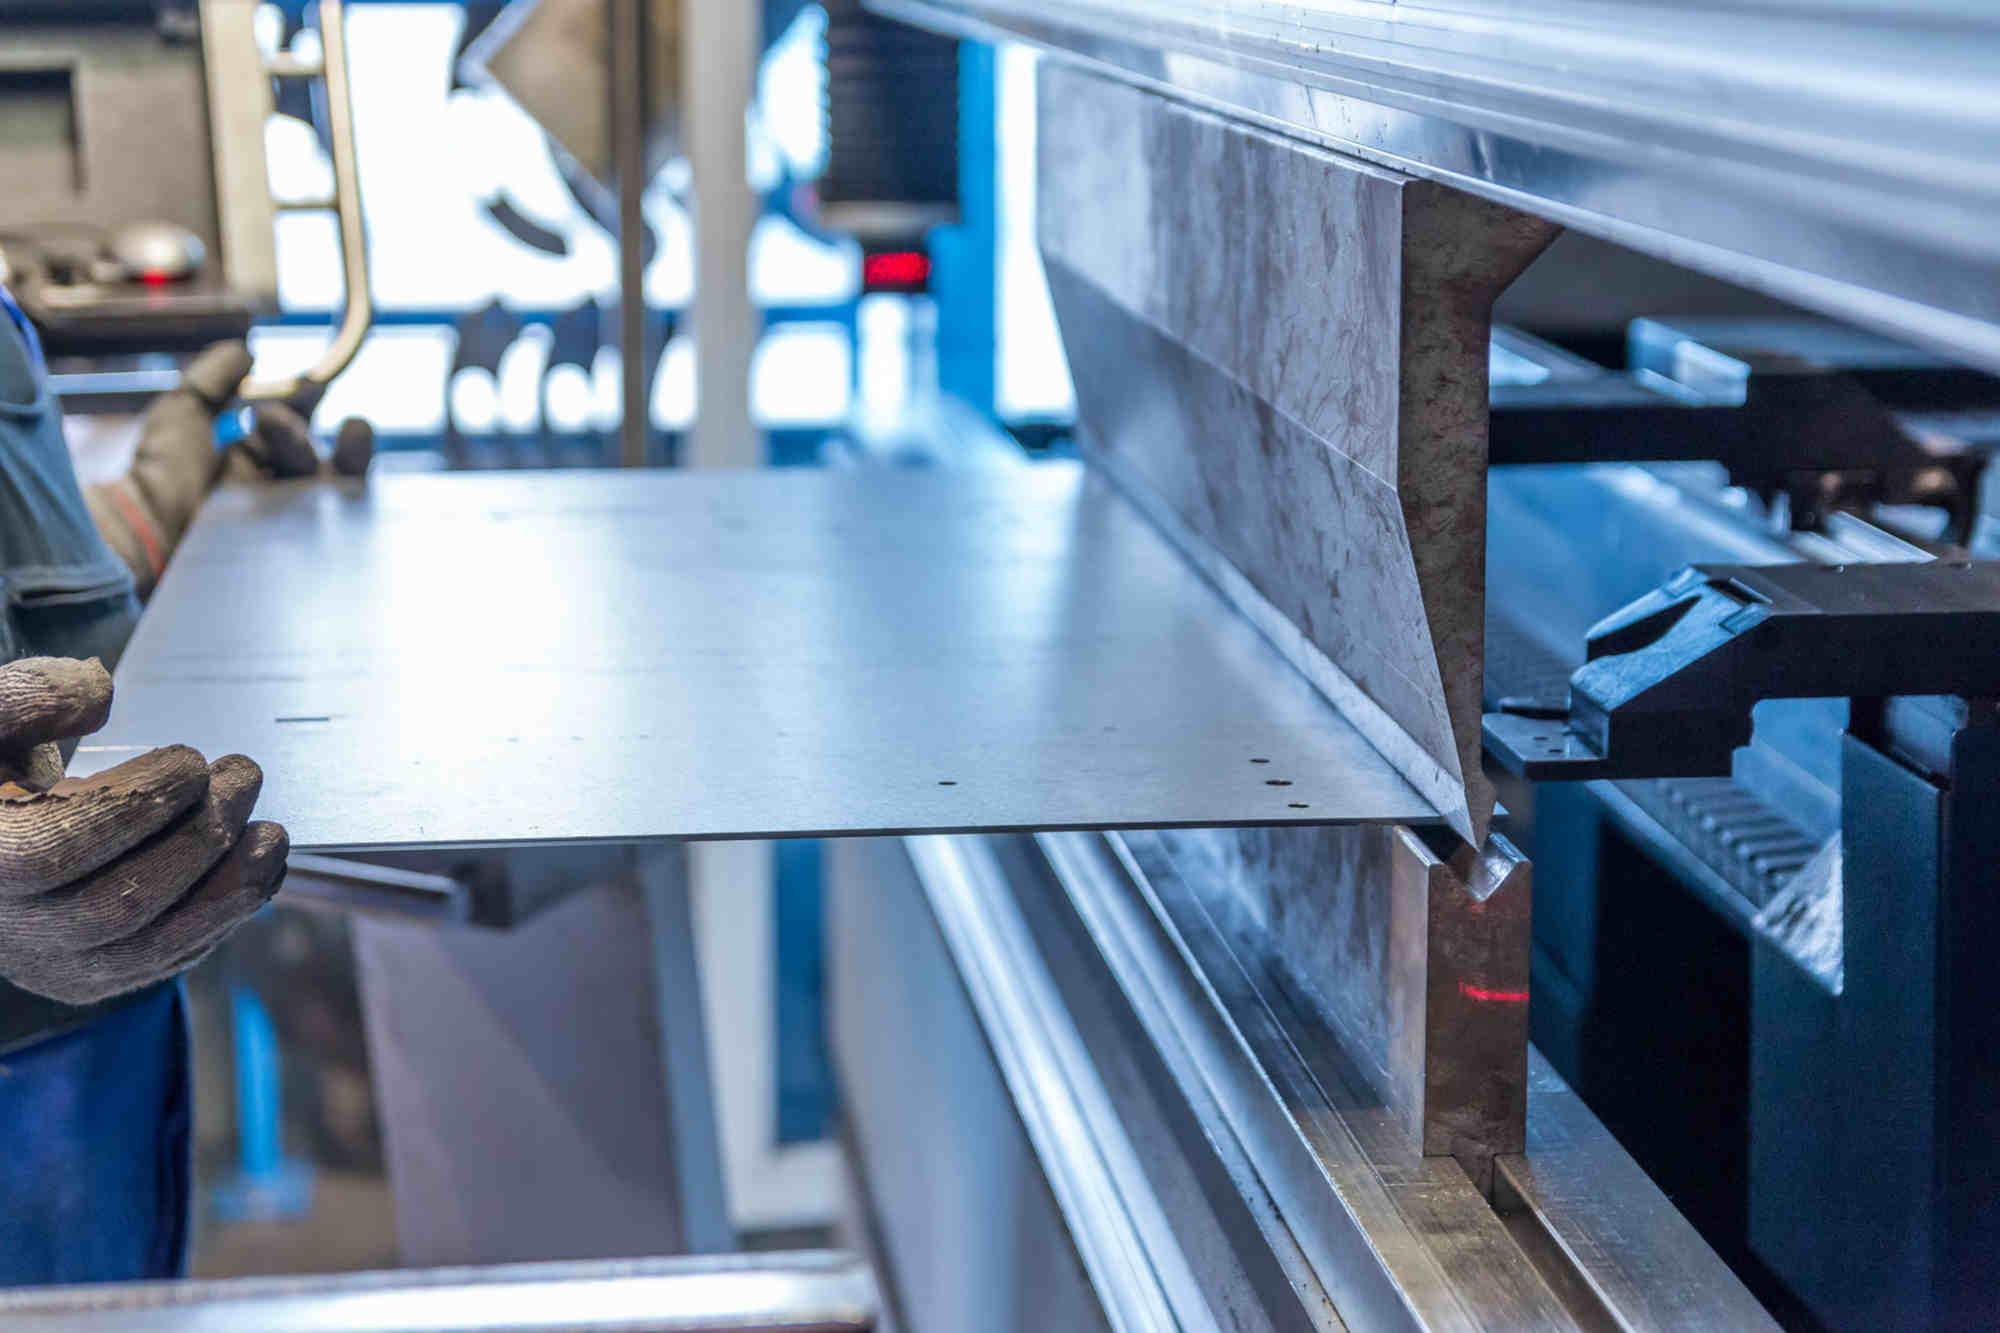 Ausfall einer Maschine: Was tun, wenn die Produktion stillsteht?